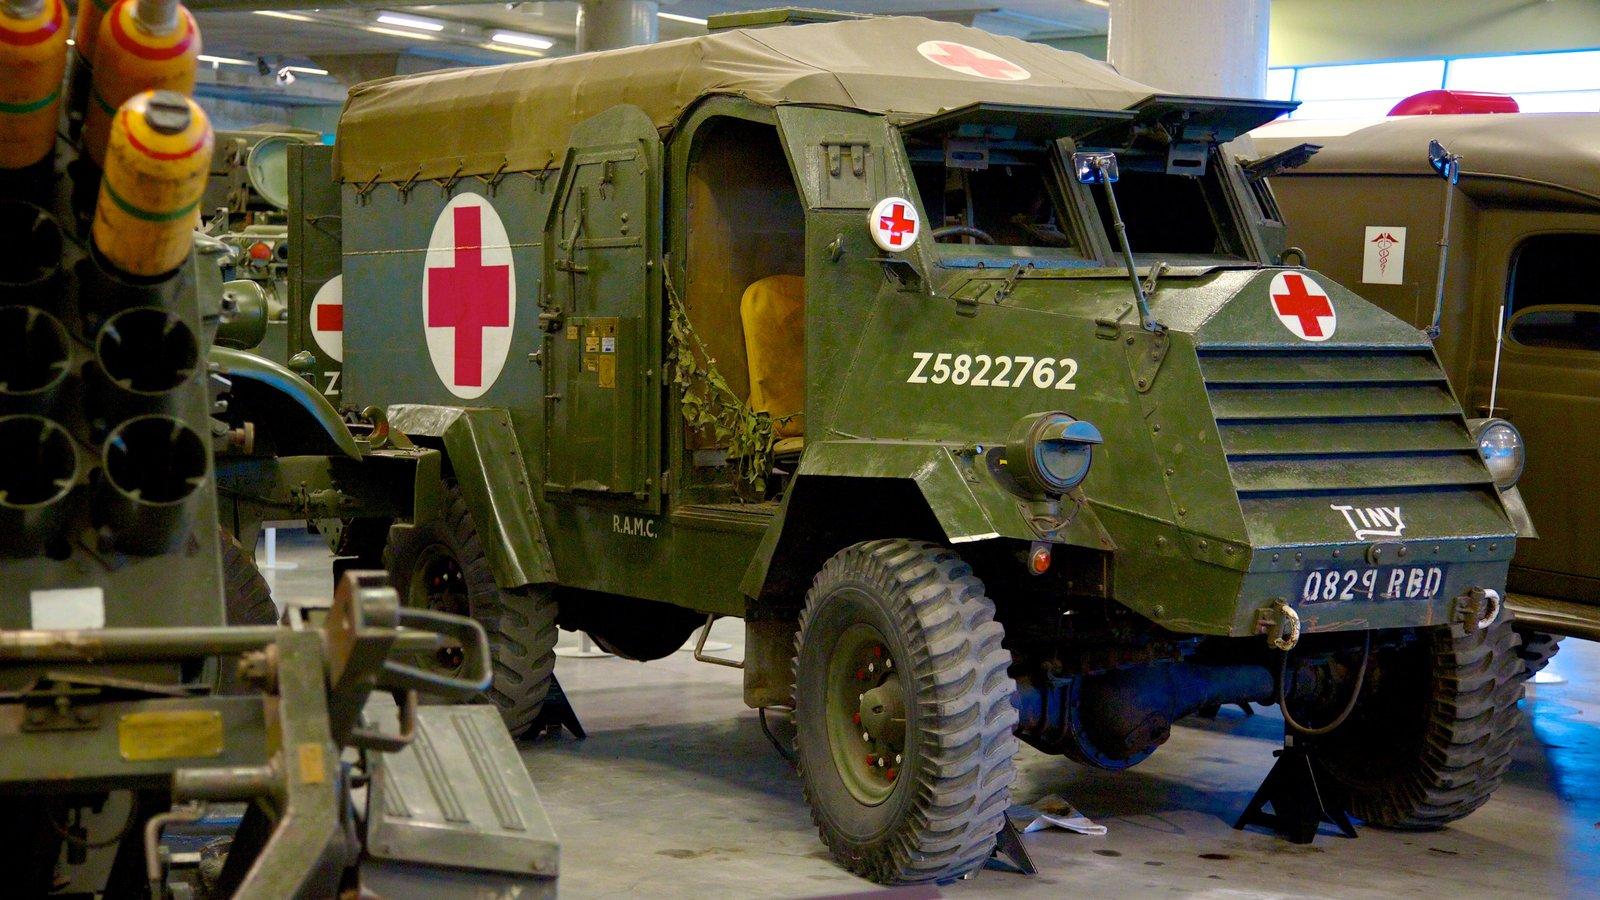 Canadian War Museum que inclui itens militares e vistas internas